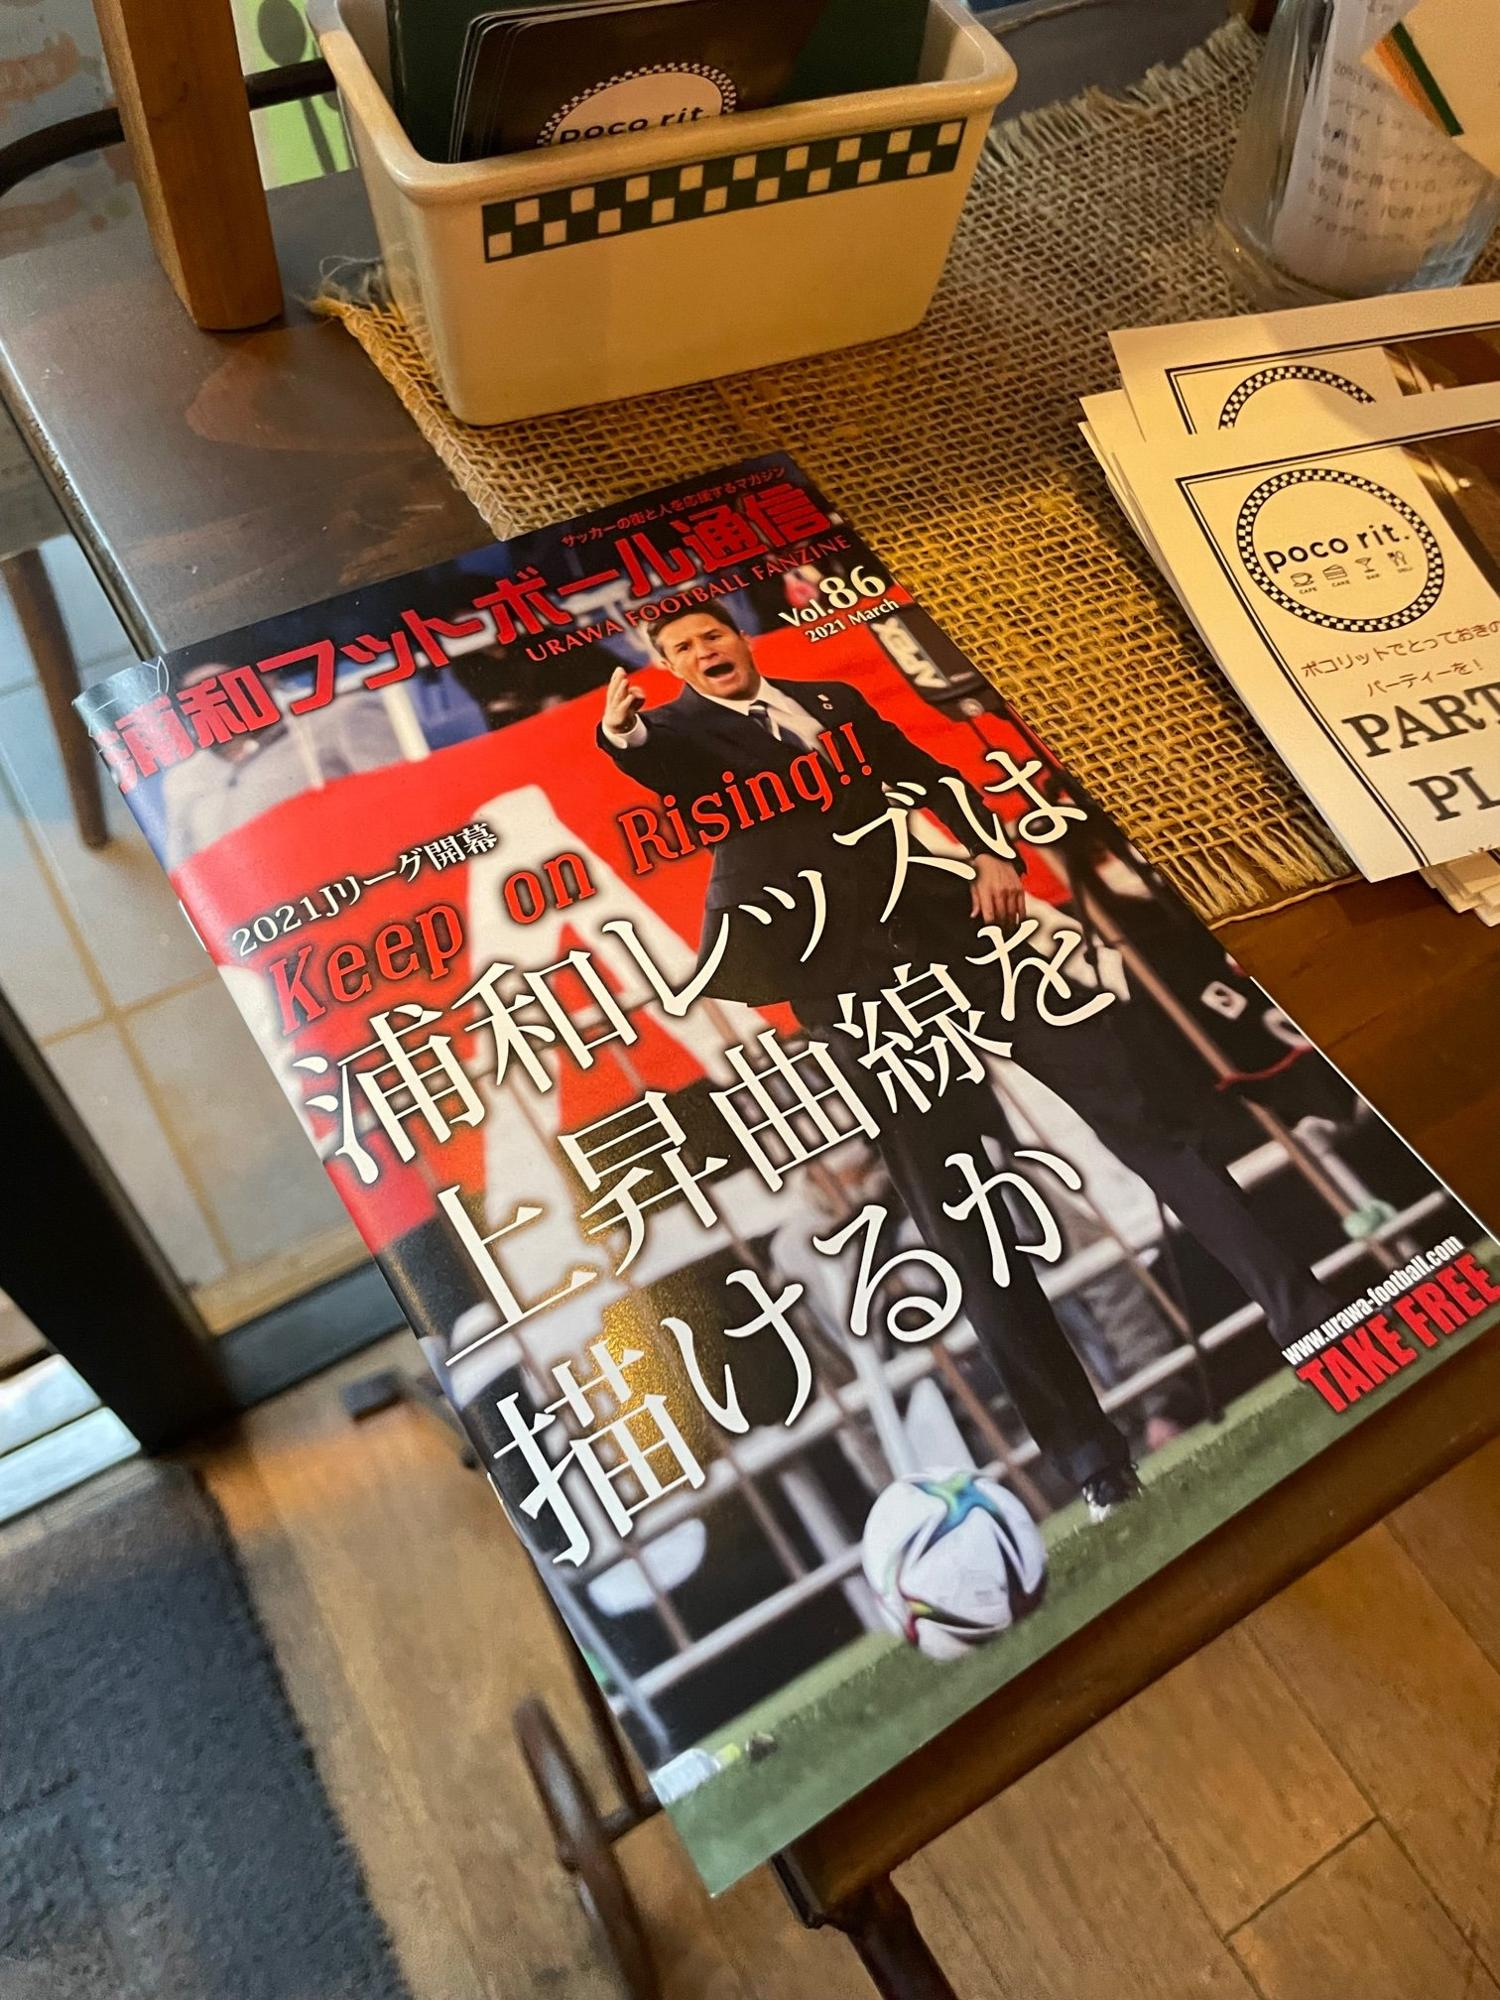 フリーマガジン「浦和フットボール通信」も設置頂いてます。